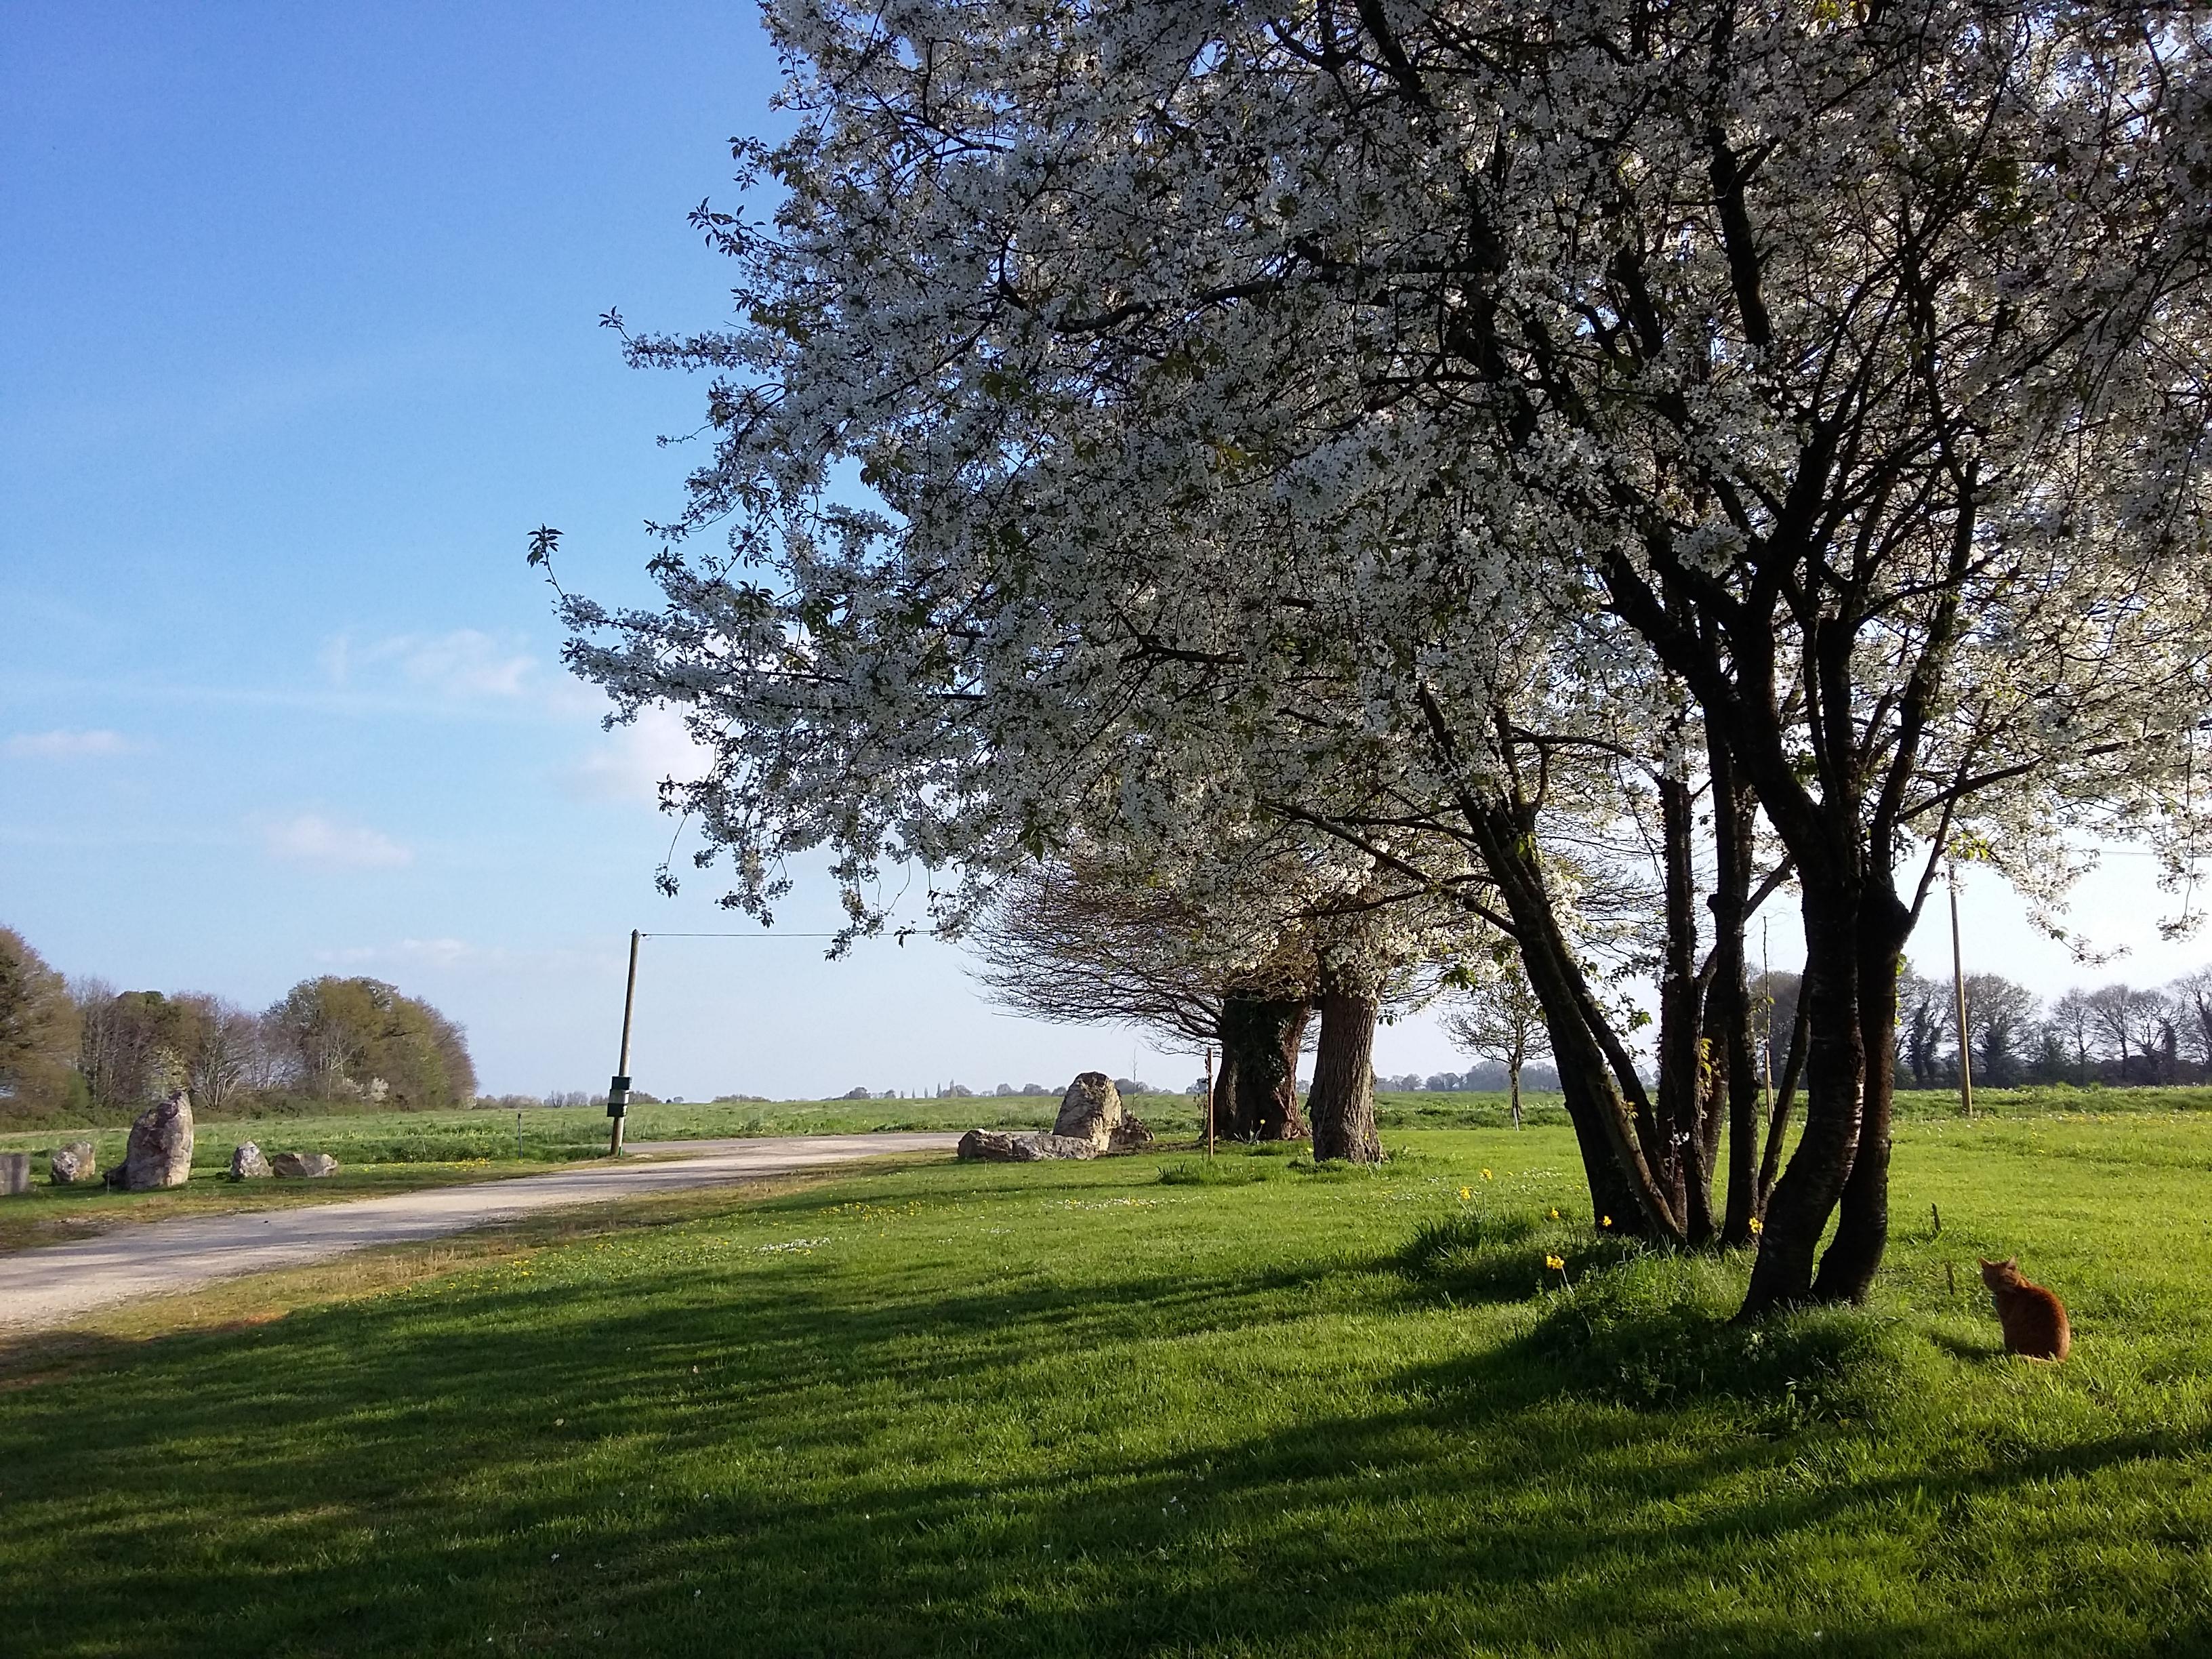 La Vieille Ferme driveway